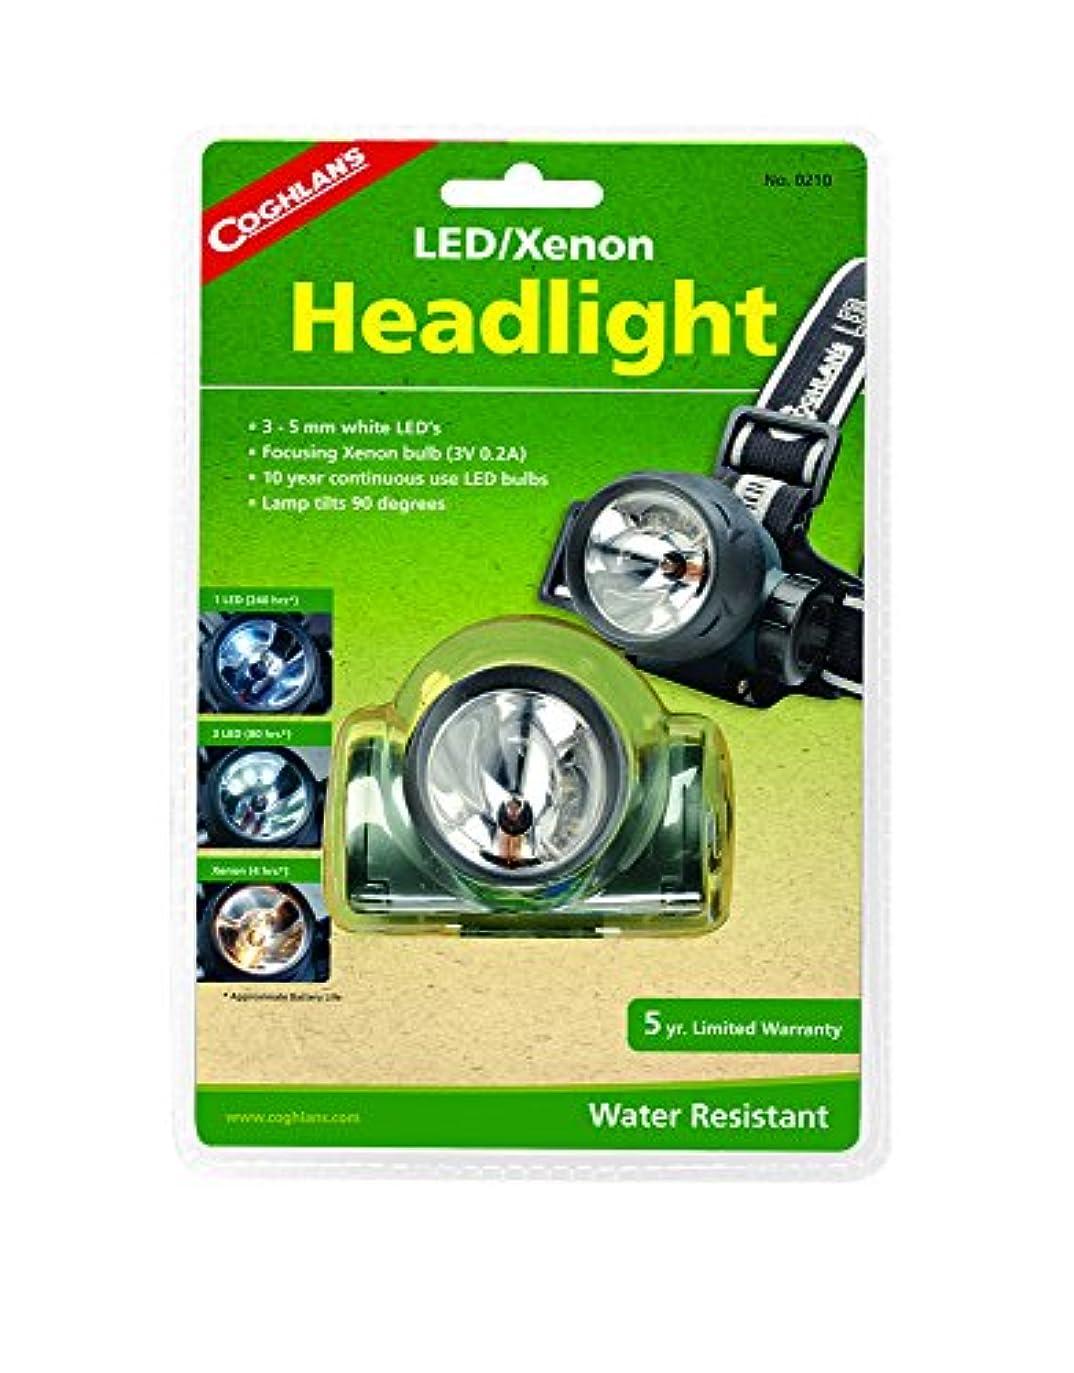 有毒なテクスチャー宗教Coghlan's L.E.D./Xenon Headlight by Coghlan's